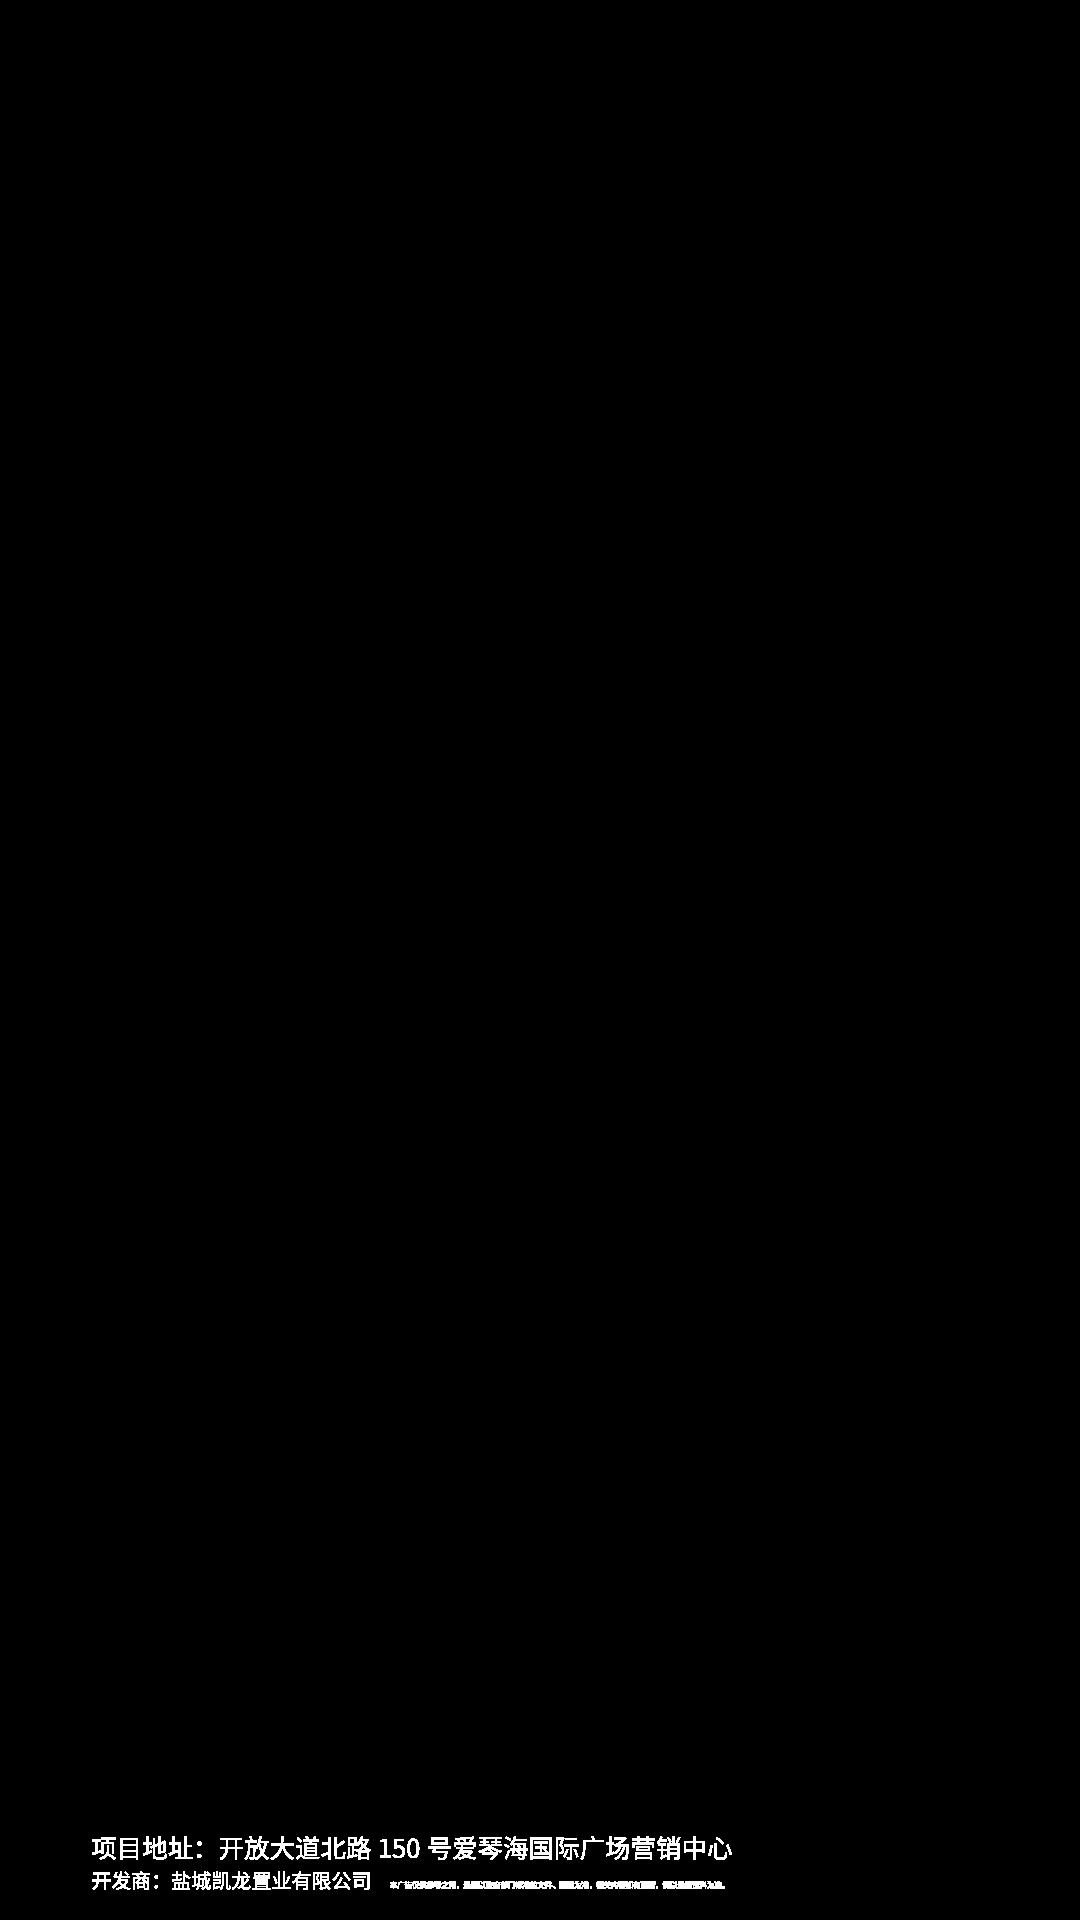 2018 盐城·红星爱琴海国际广场品牌发布盛典_微信h5页面_maka